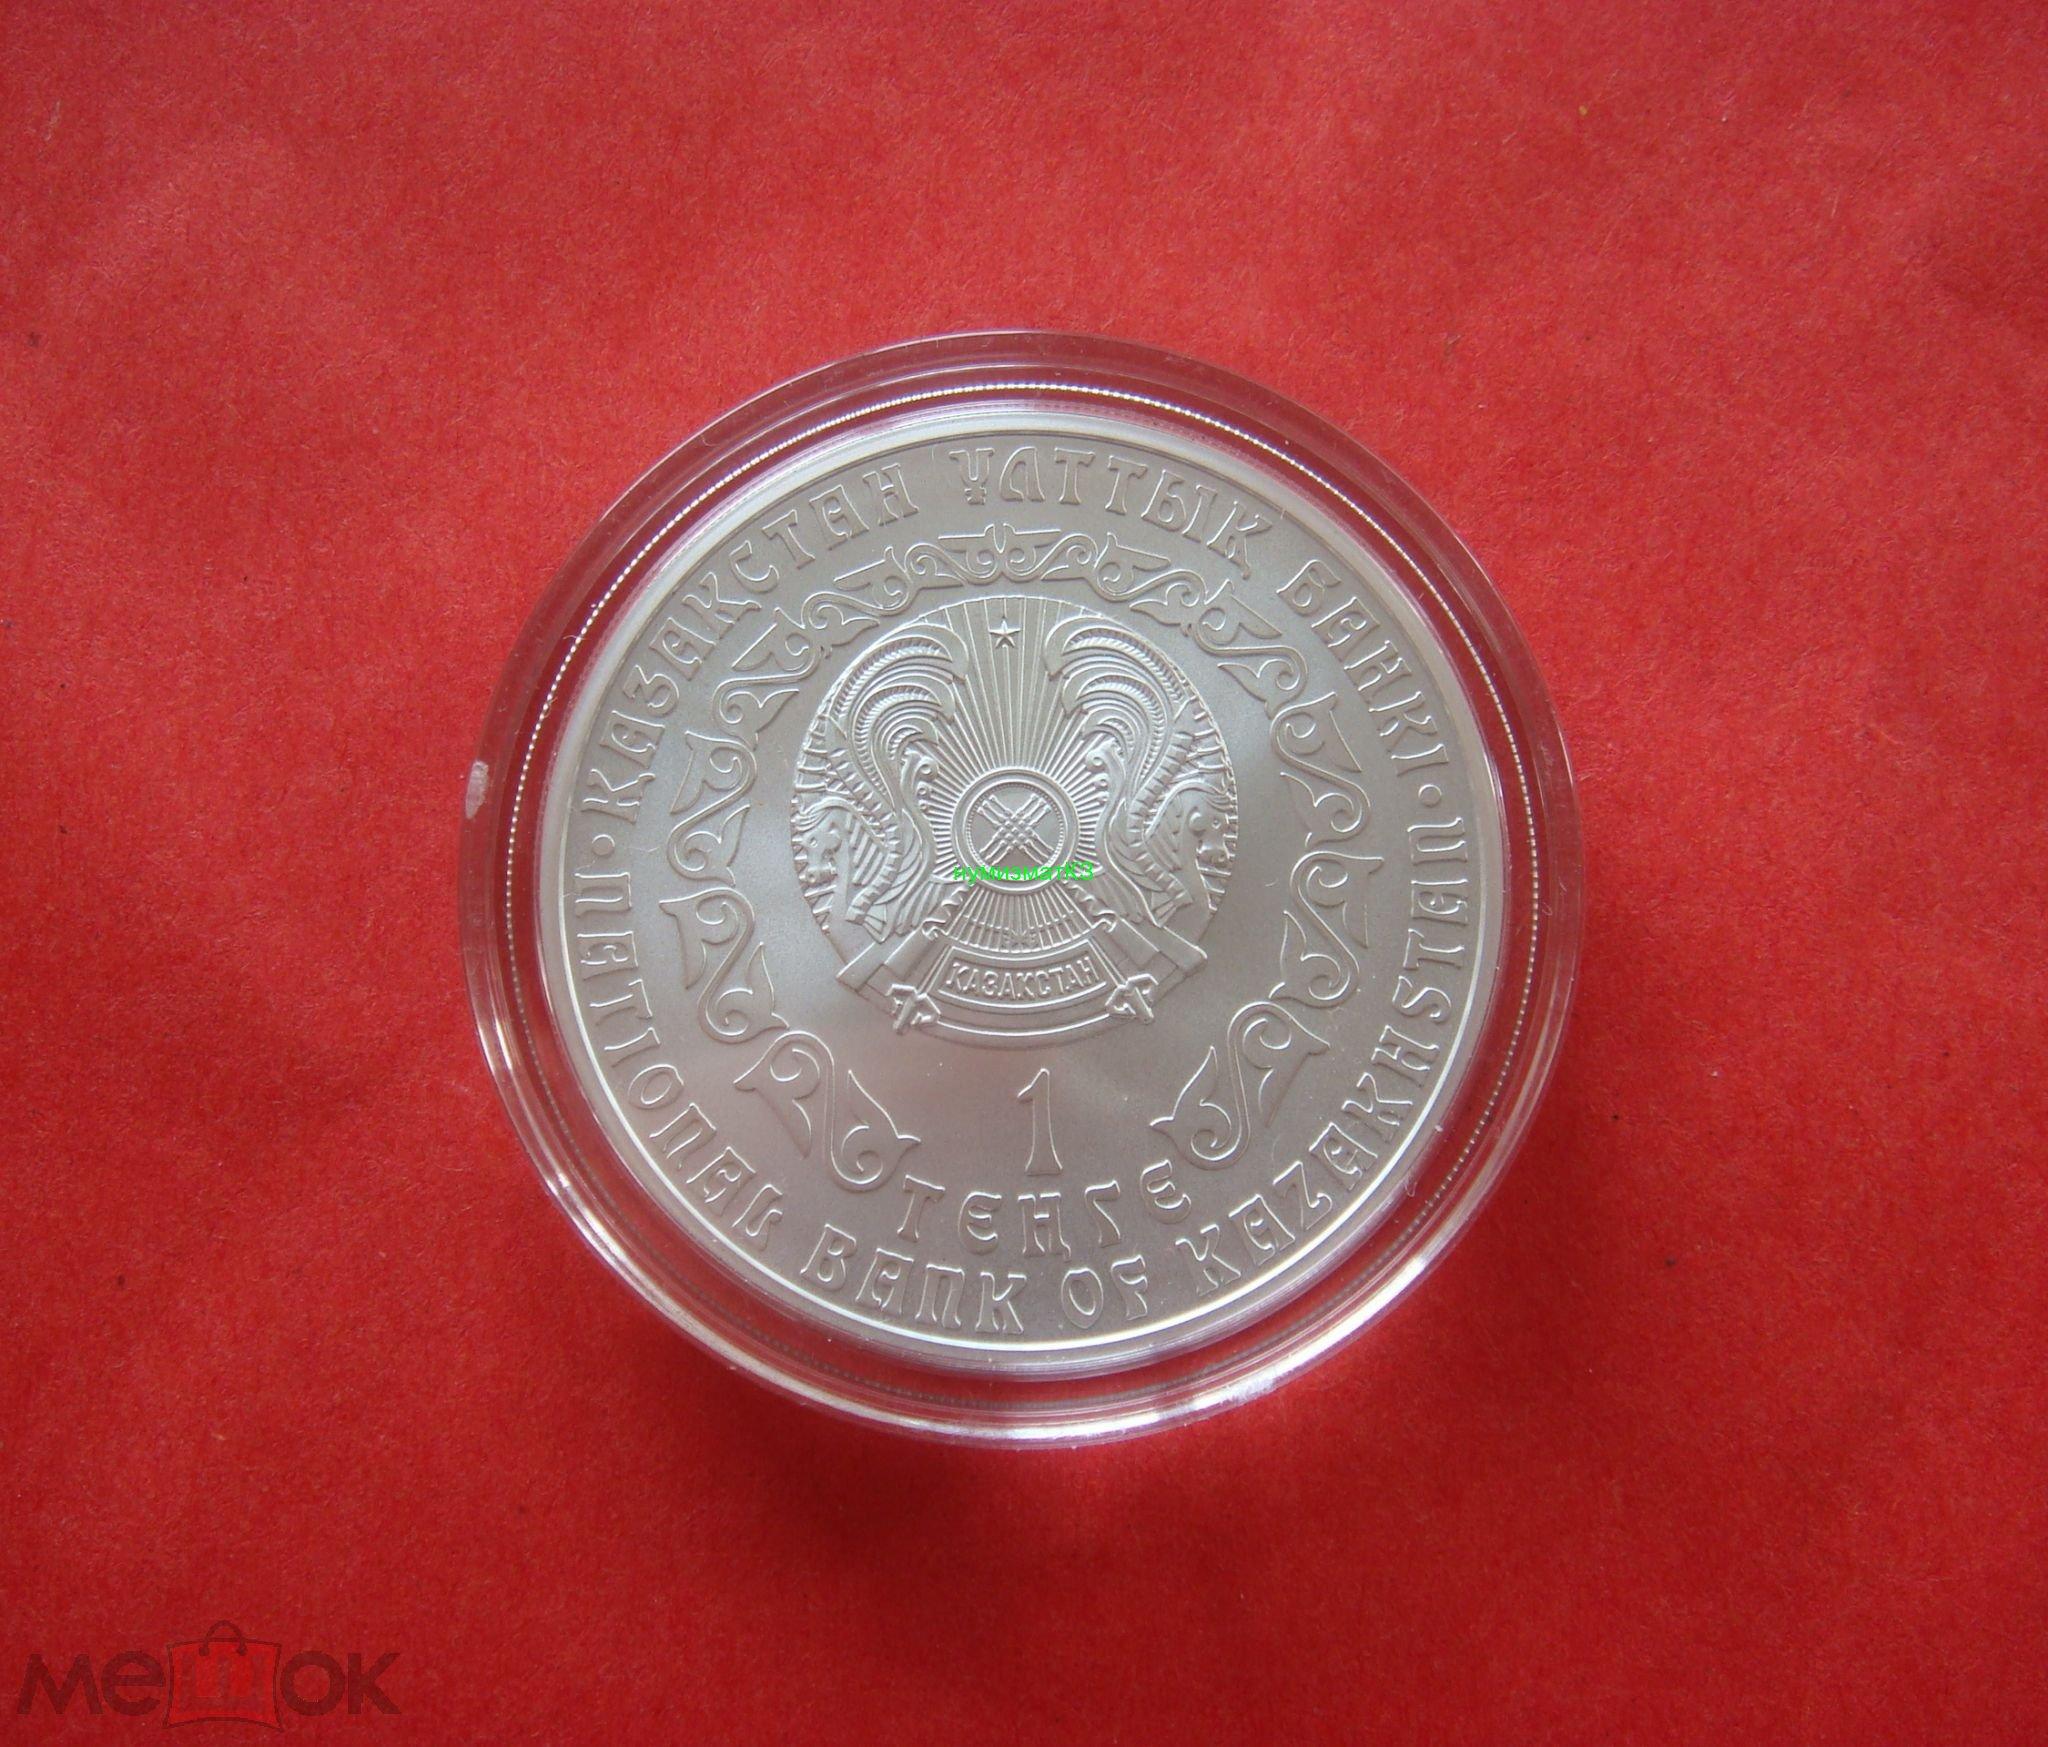 1 тенге 2009 серебряный барс купить редкие монеты ссср и россии цена